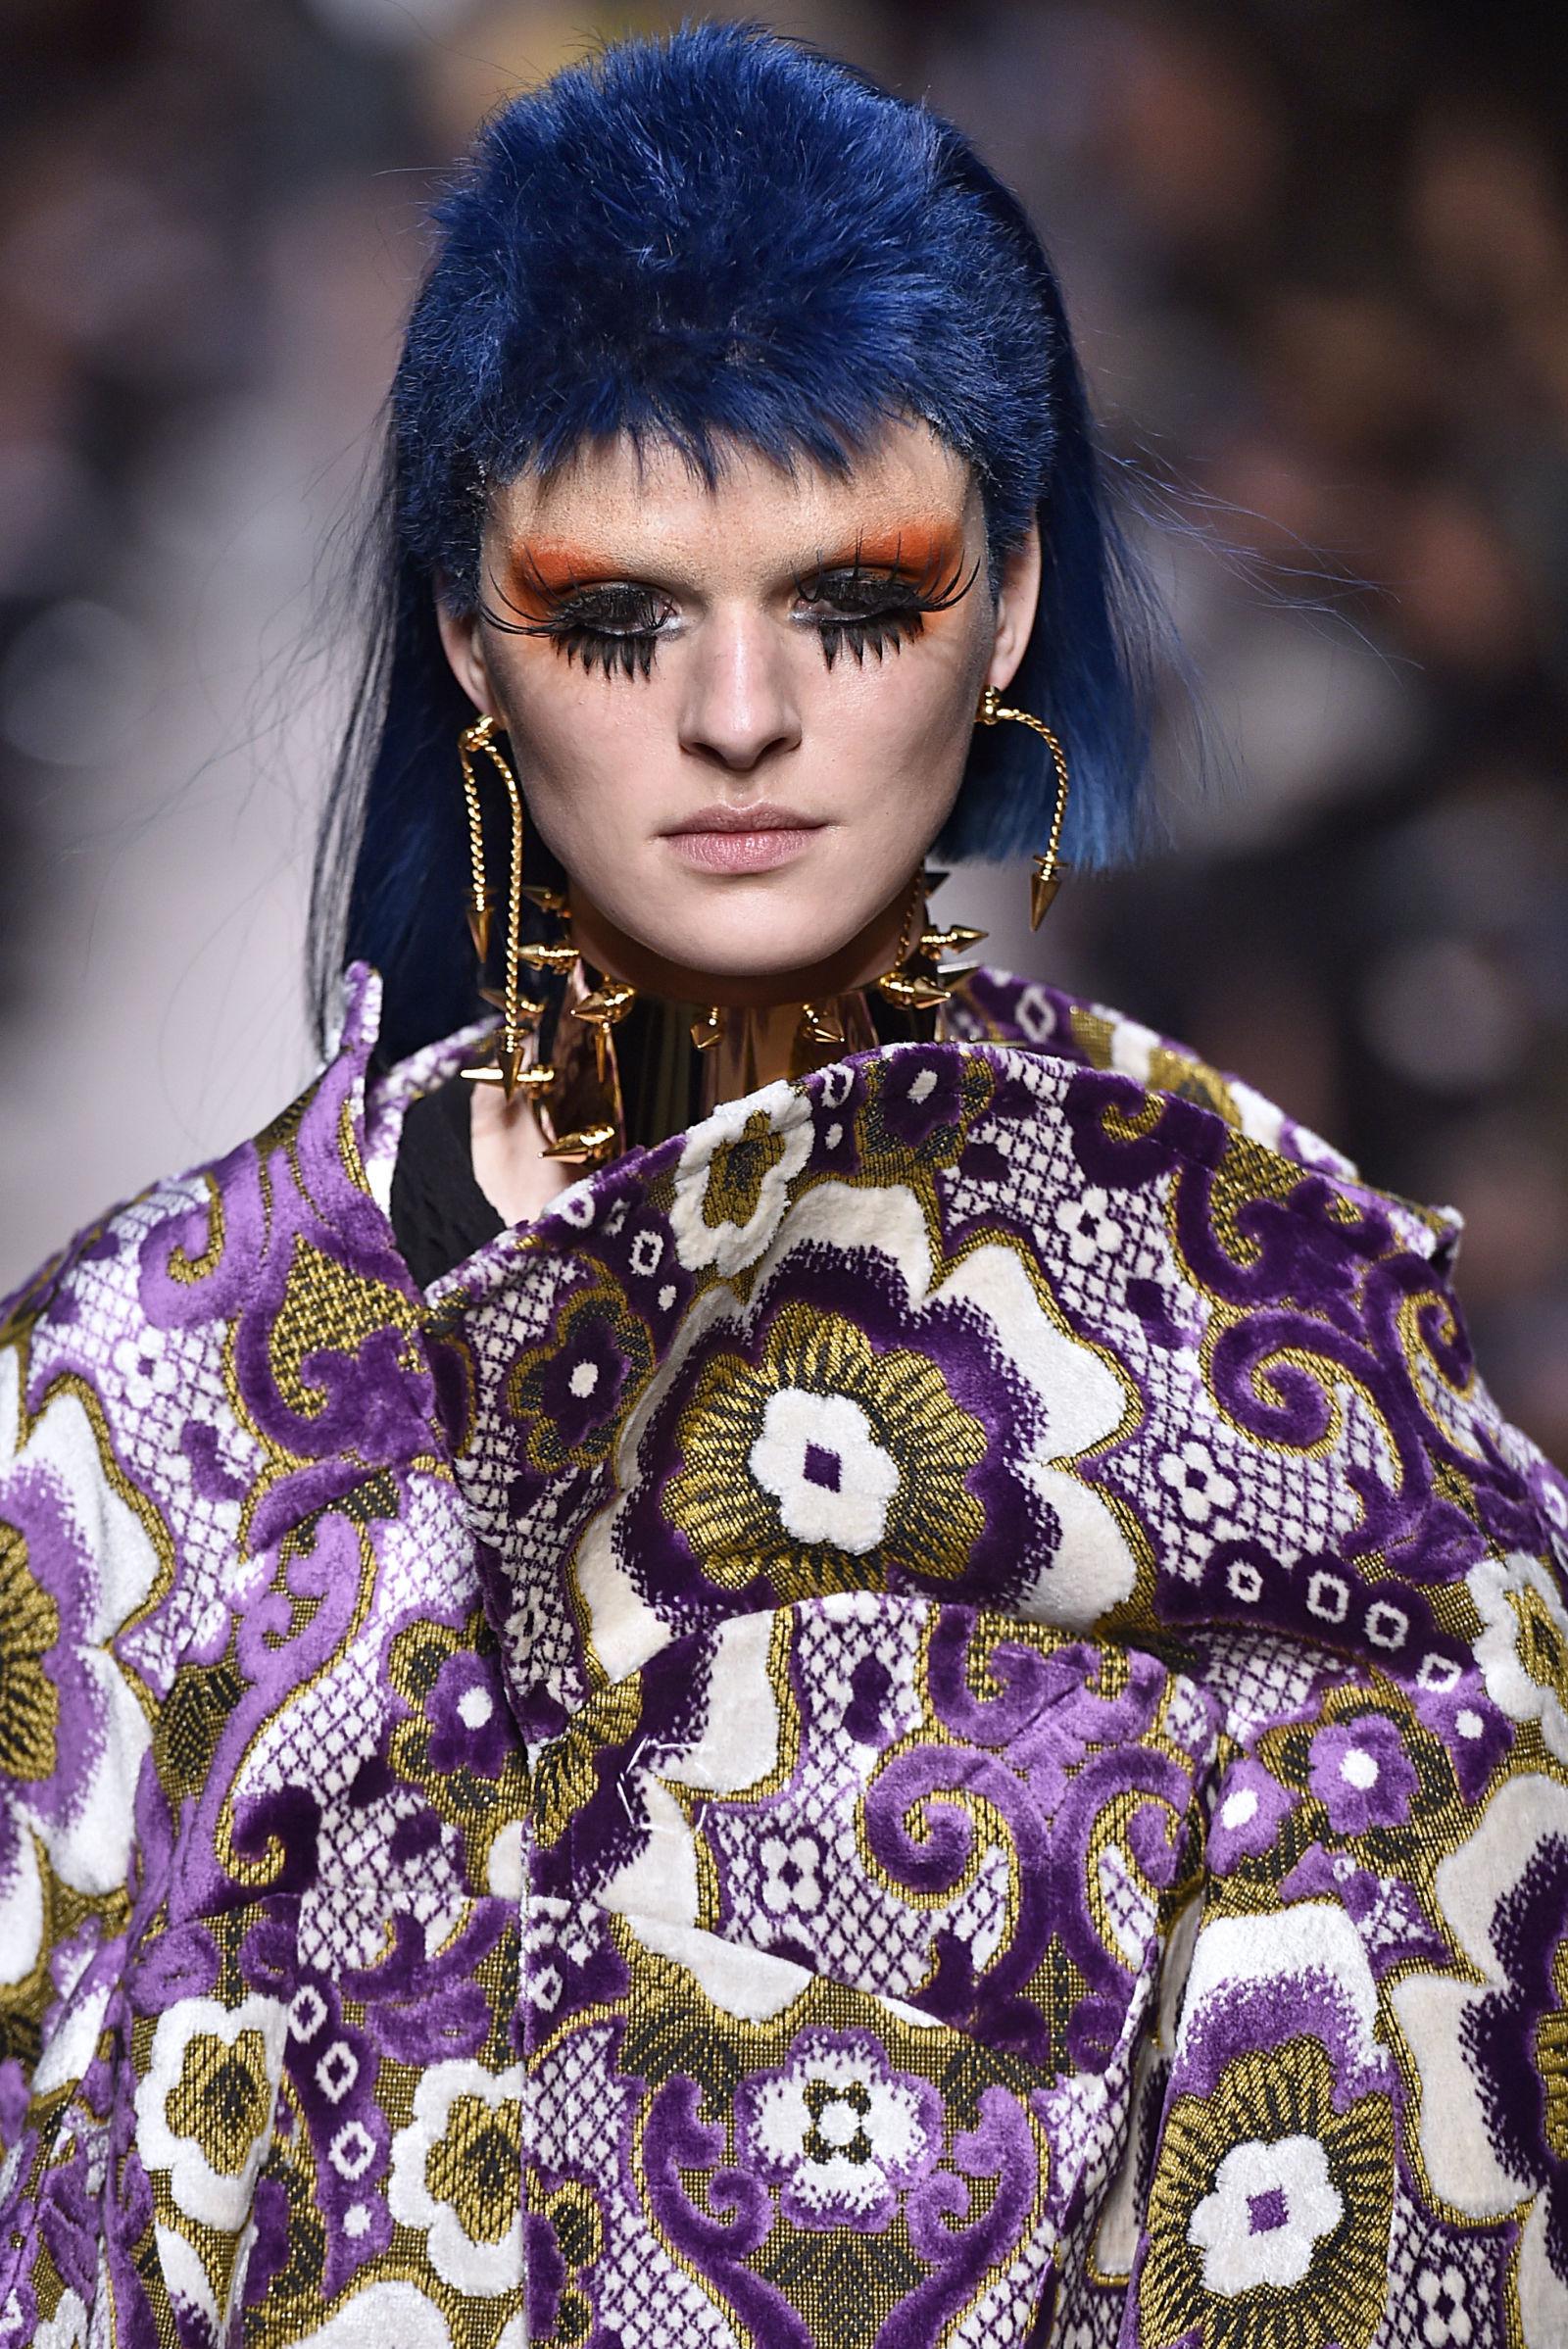 Những kiểu makeup dọa ma khiến người xem phải giật mình tại Tuần lễ thời trang Thu/Đông 2017 - Ảnh 5.